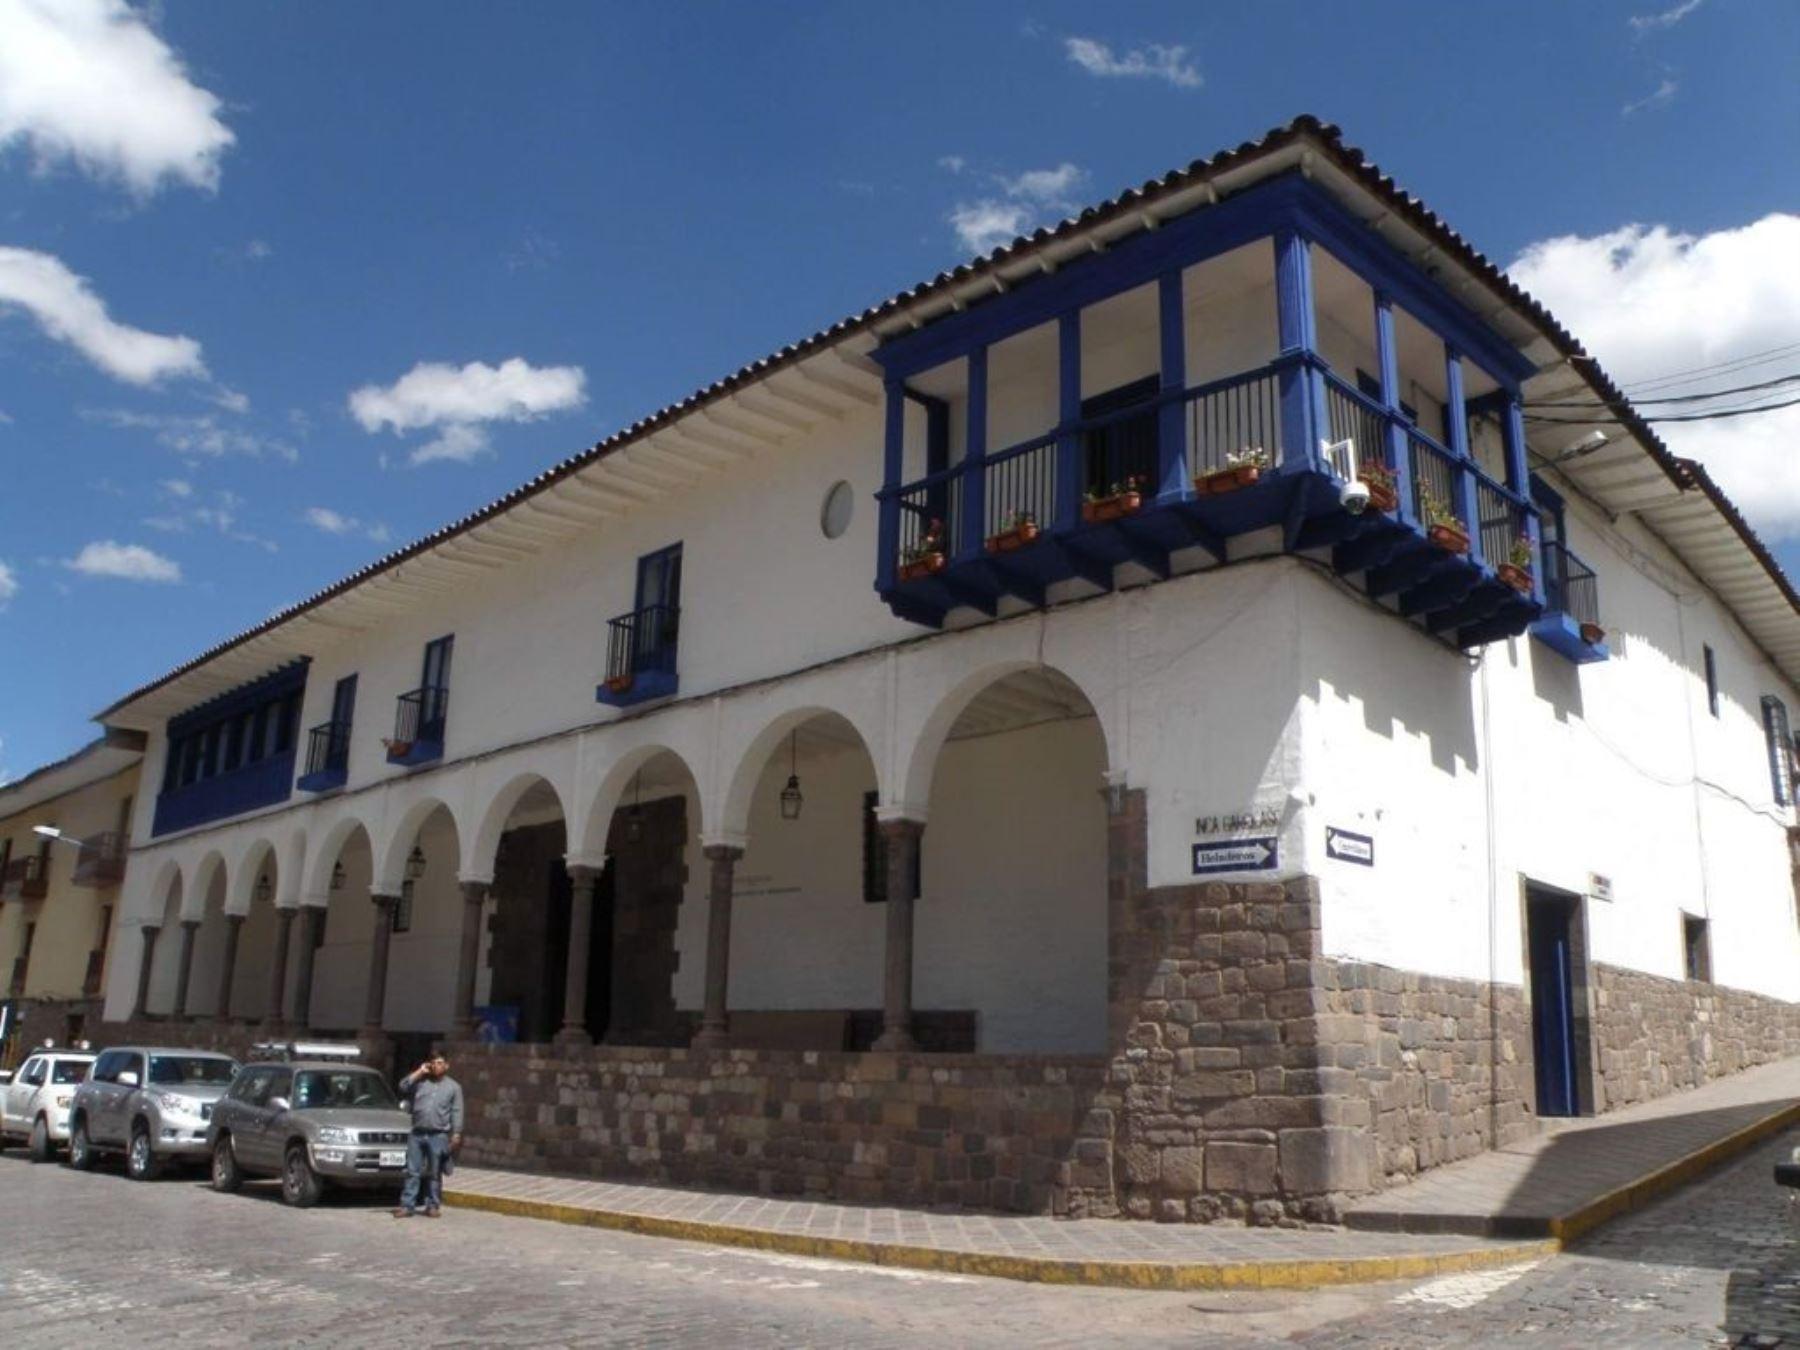 La casa de Garcilaso de la Vega, actual Museo Histórico Regional de Cusco, será el primer monumento que lucirá el Escudo Azul de la Unesco en el Perú.